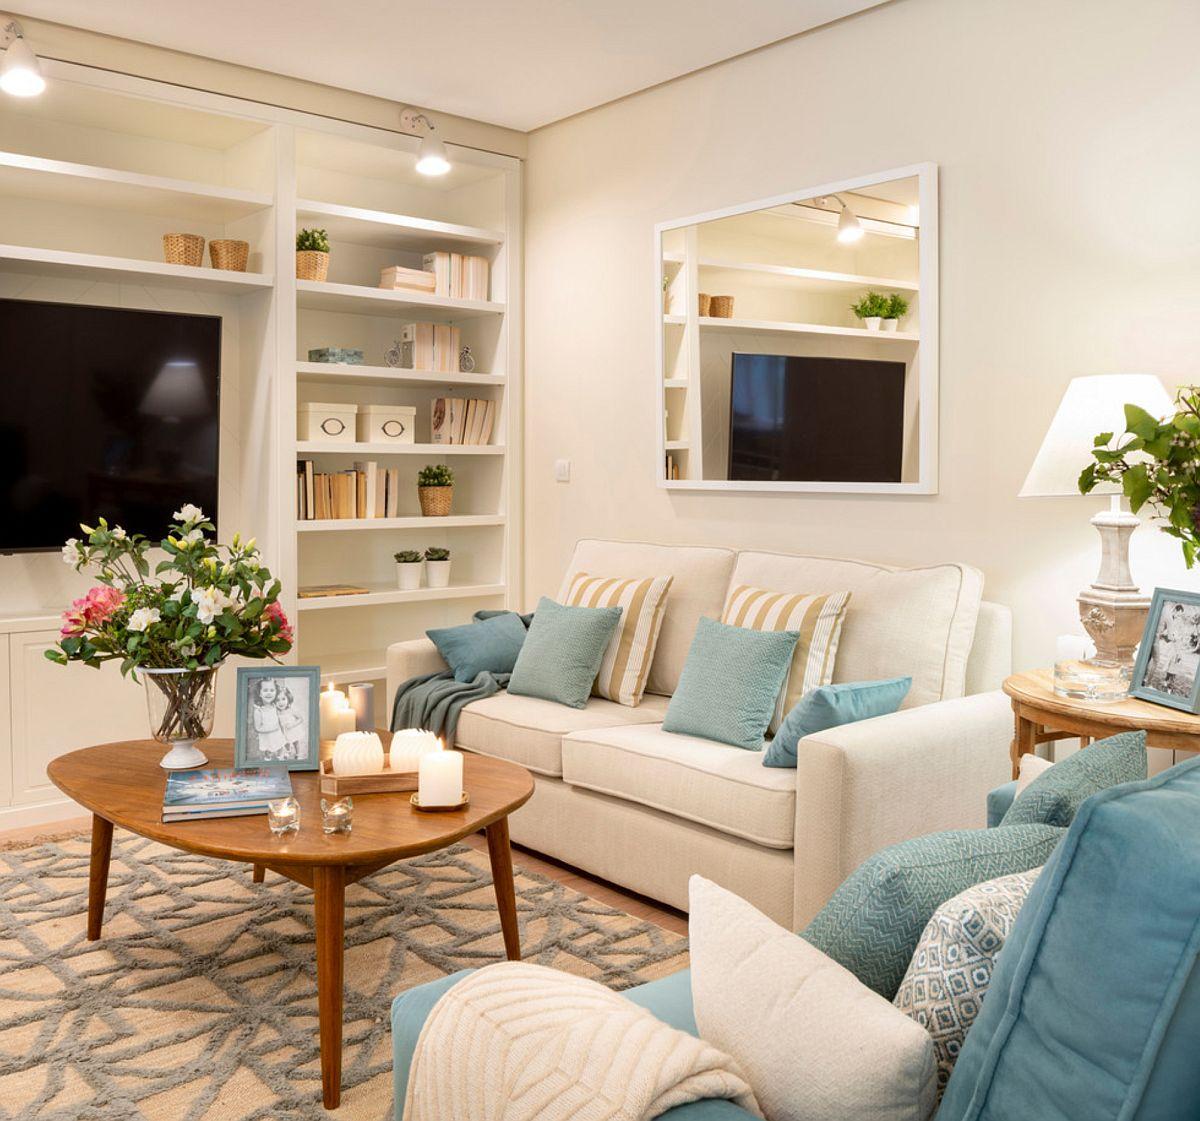 În loc de o canapea colțar, designerii au propus două canapele, care au putut fi mai ușor inegrate în spațiul livingului, care este mai mult lung și îngust.